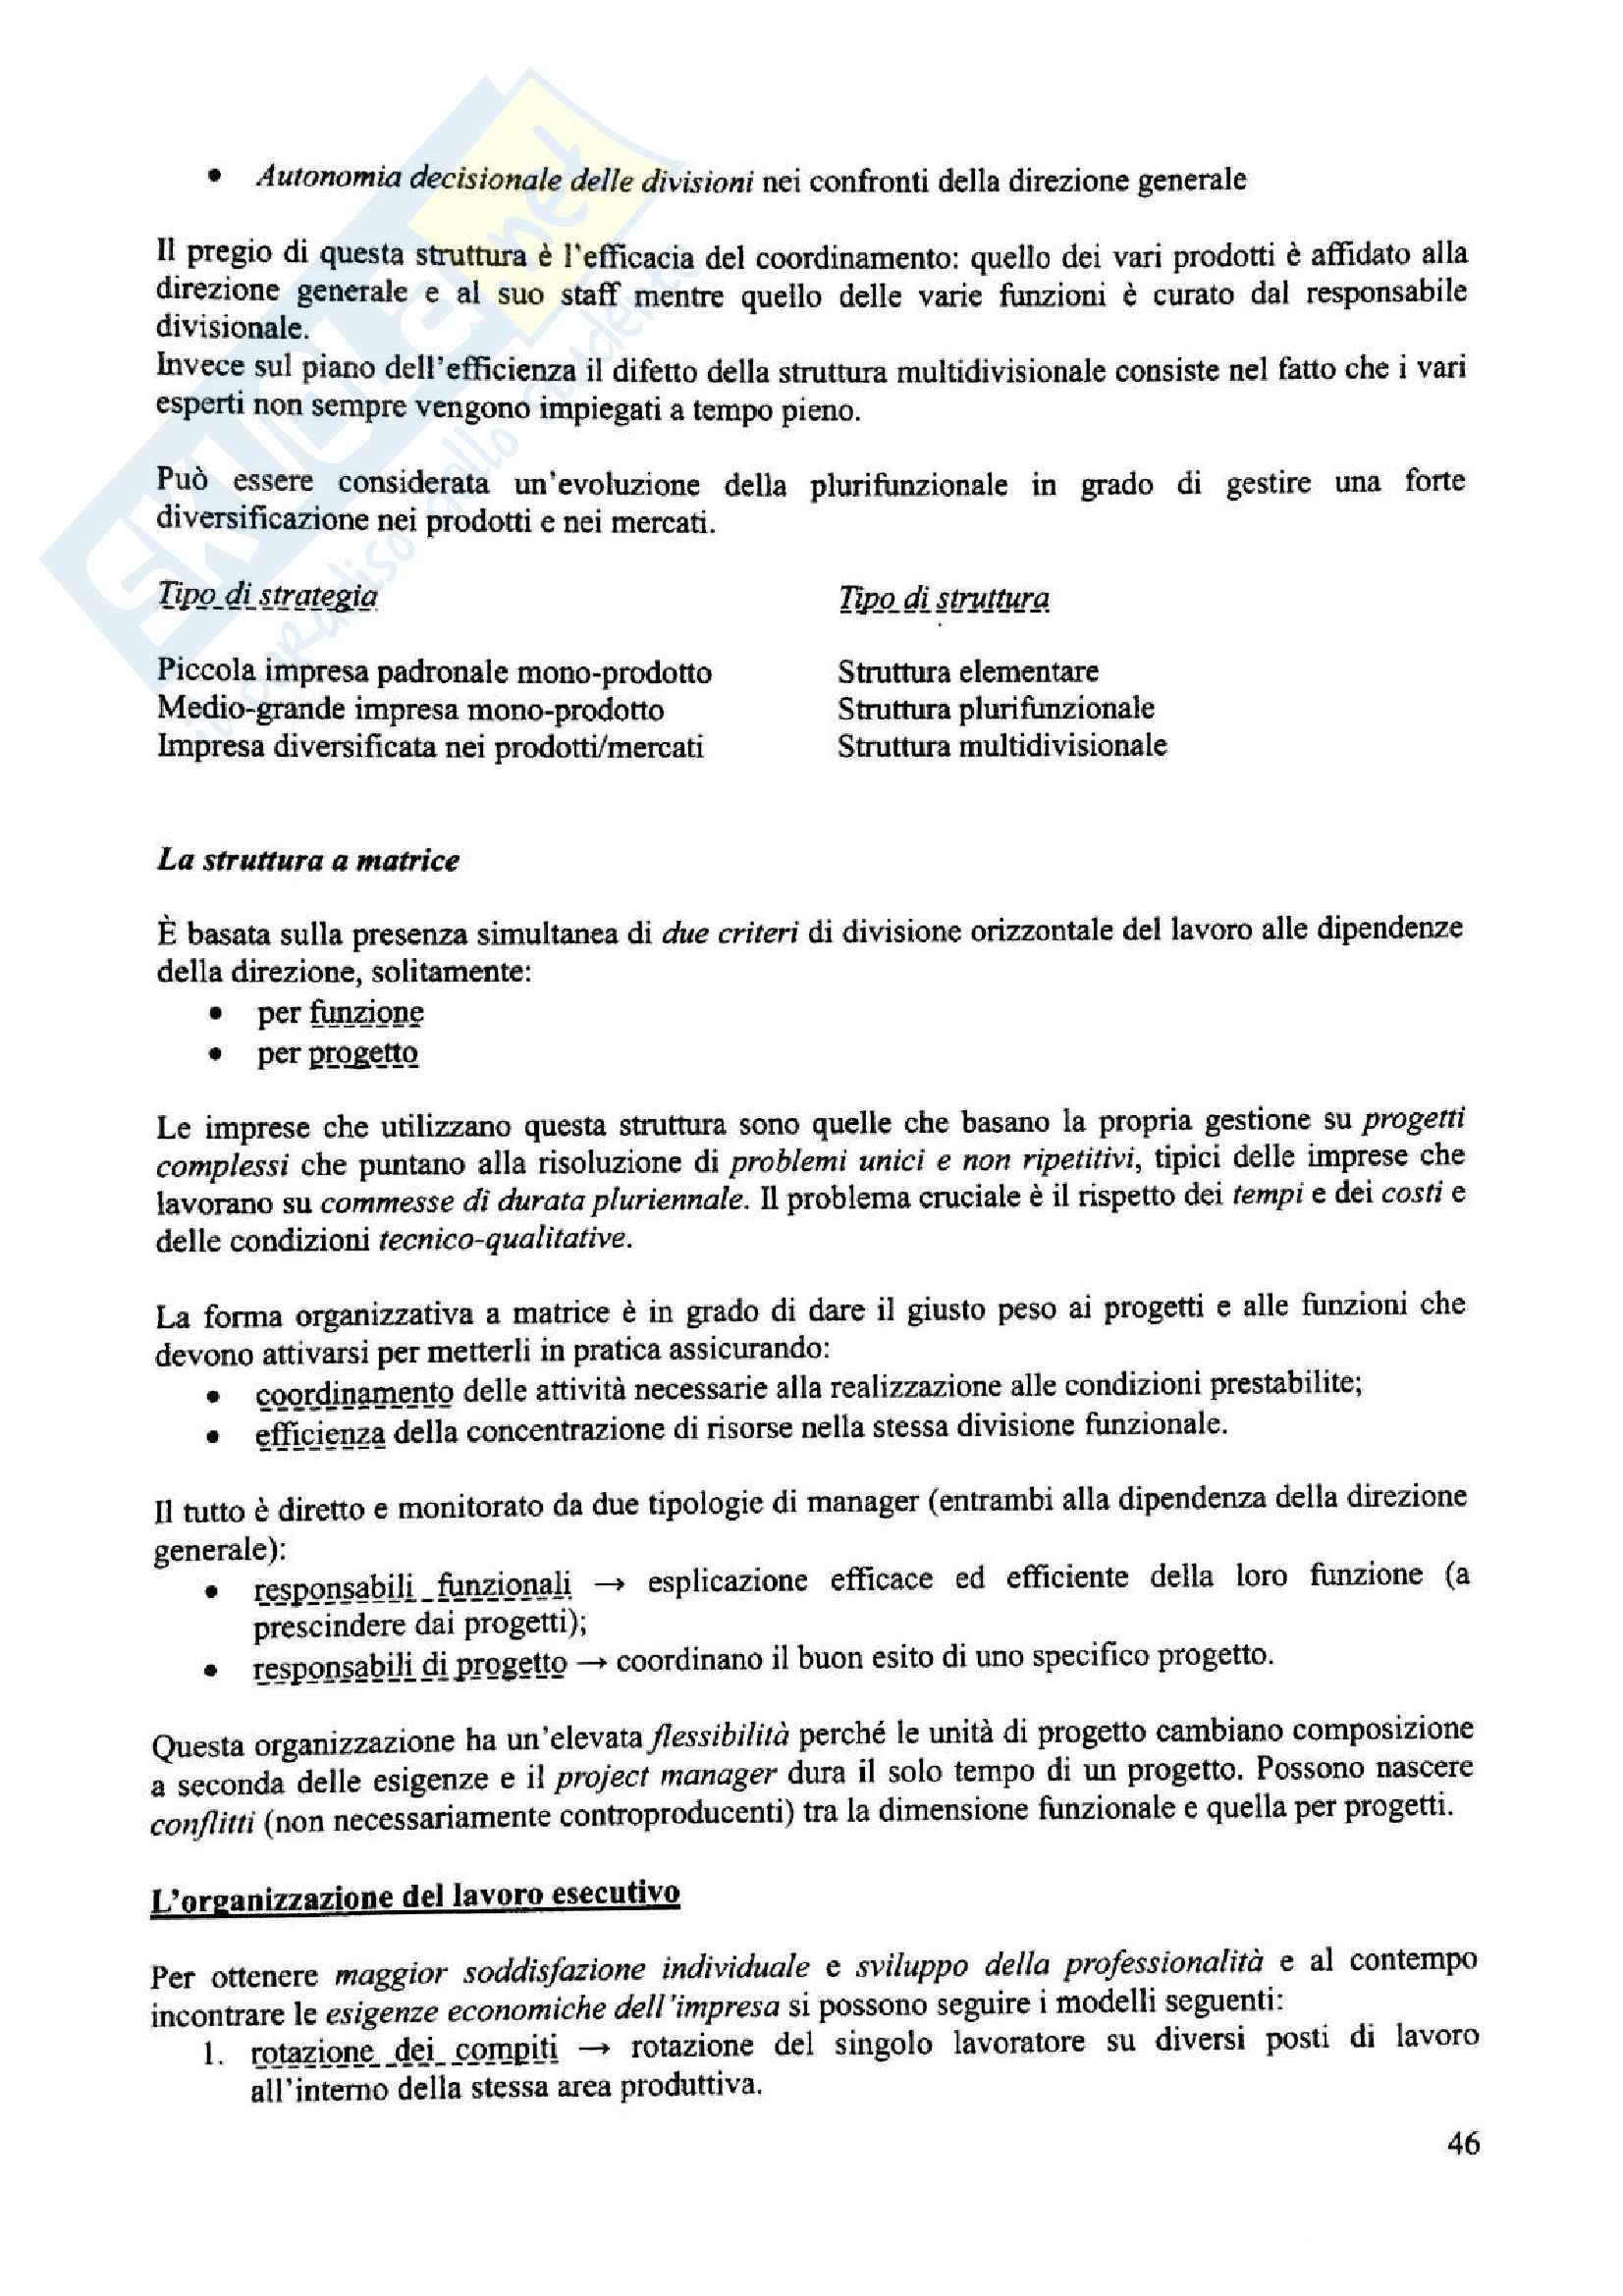 Appunti di economia aziendale, prof. Biancone Pag. 46